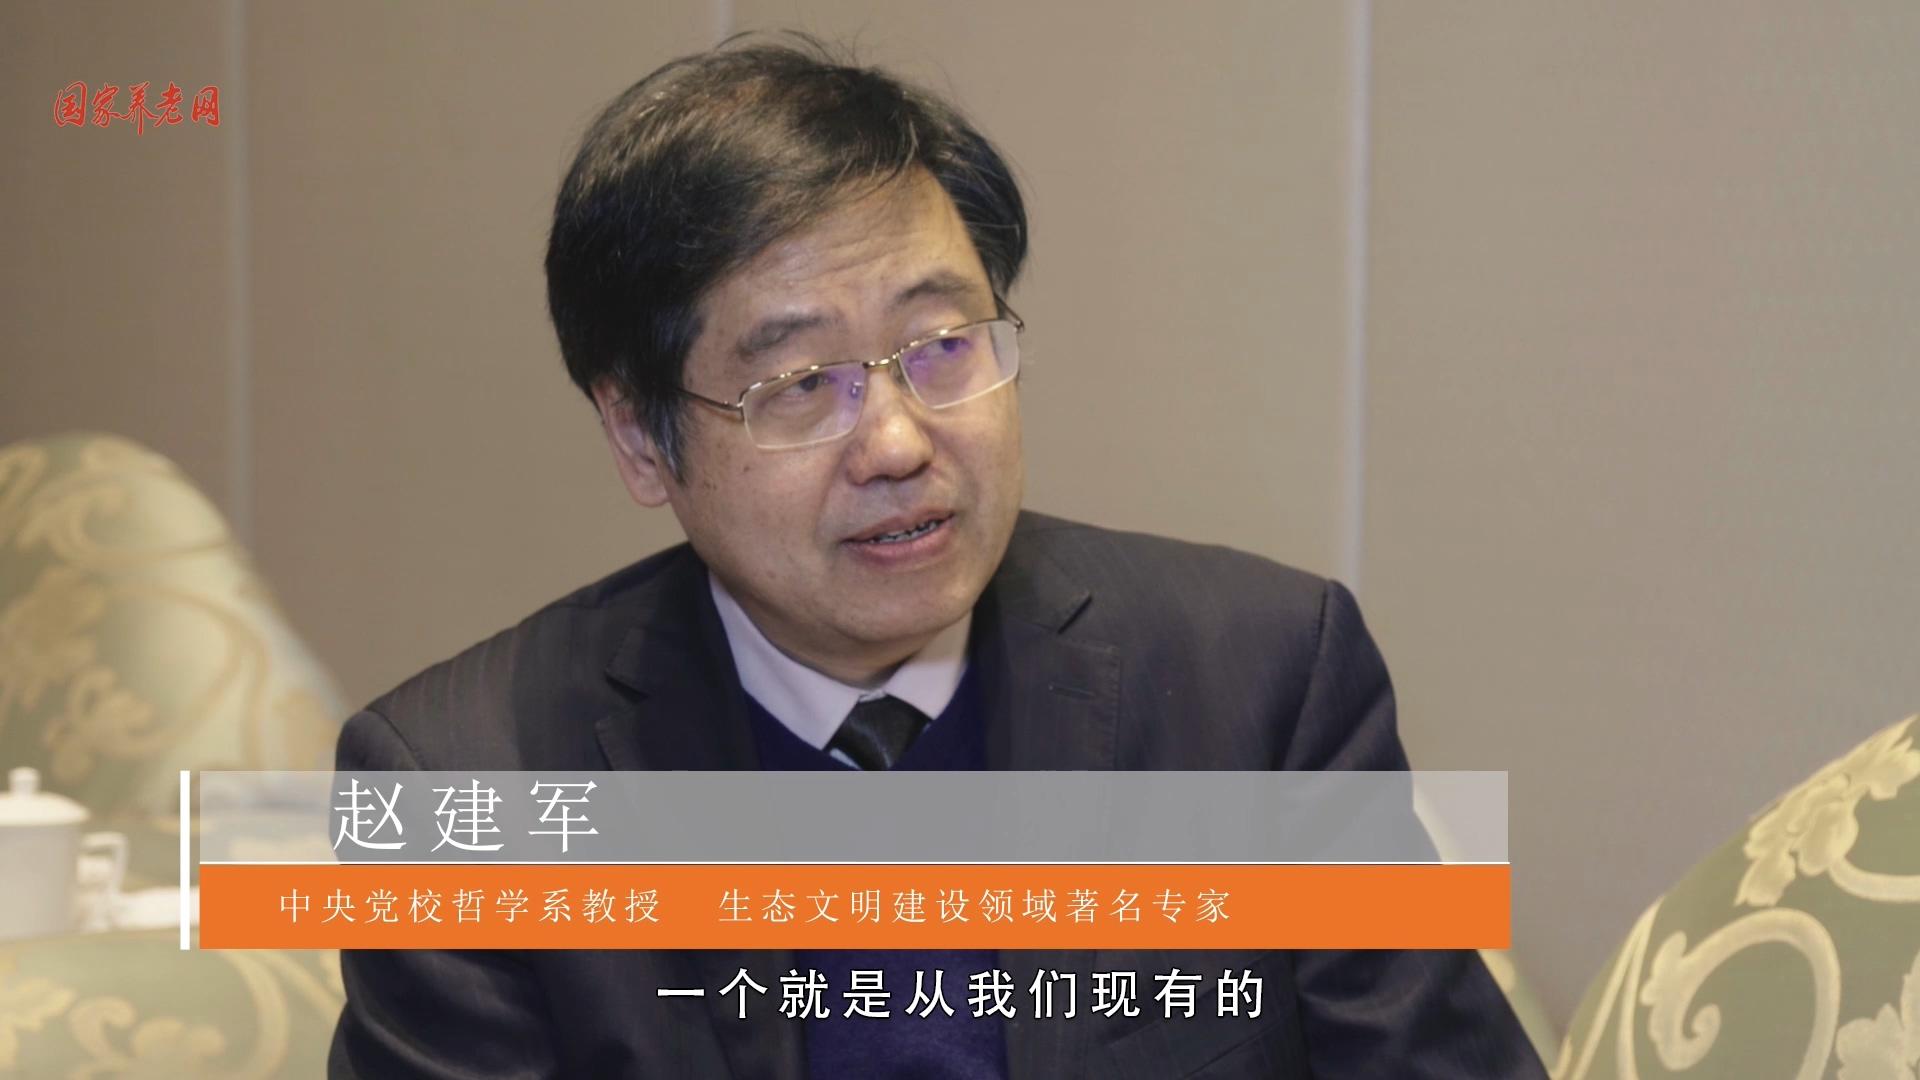 赵建军:以绿色发展理念推动生态养老发展